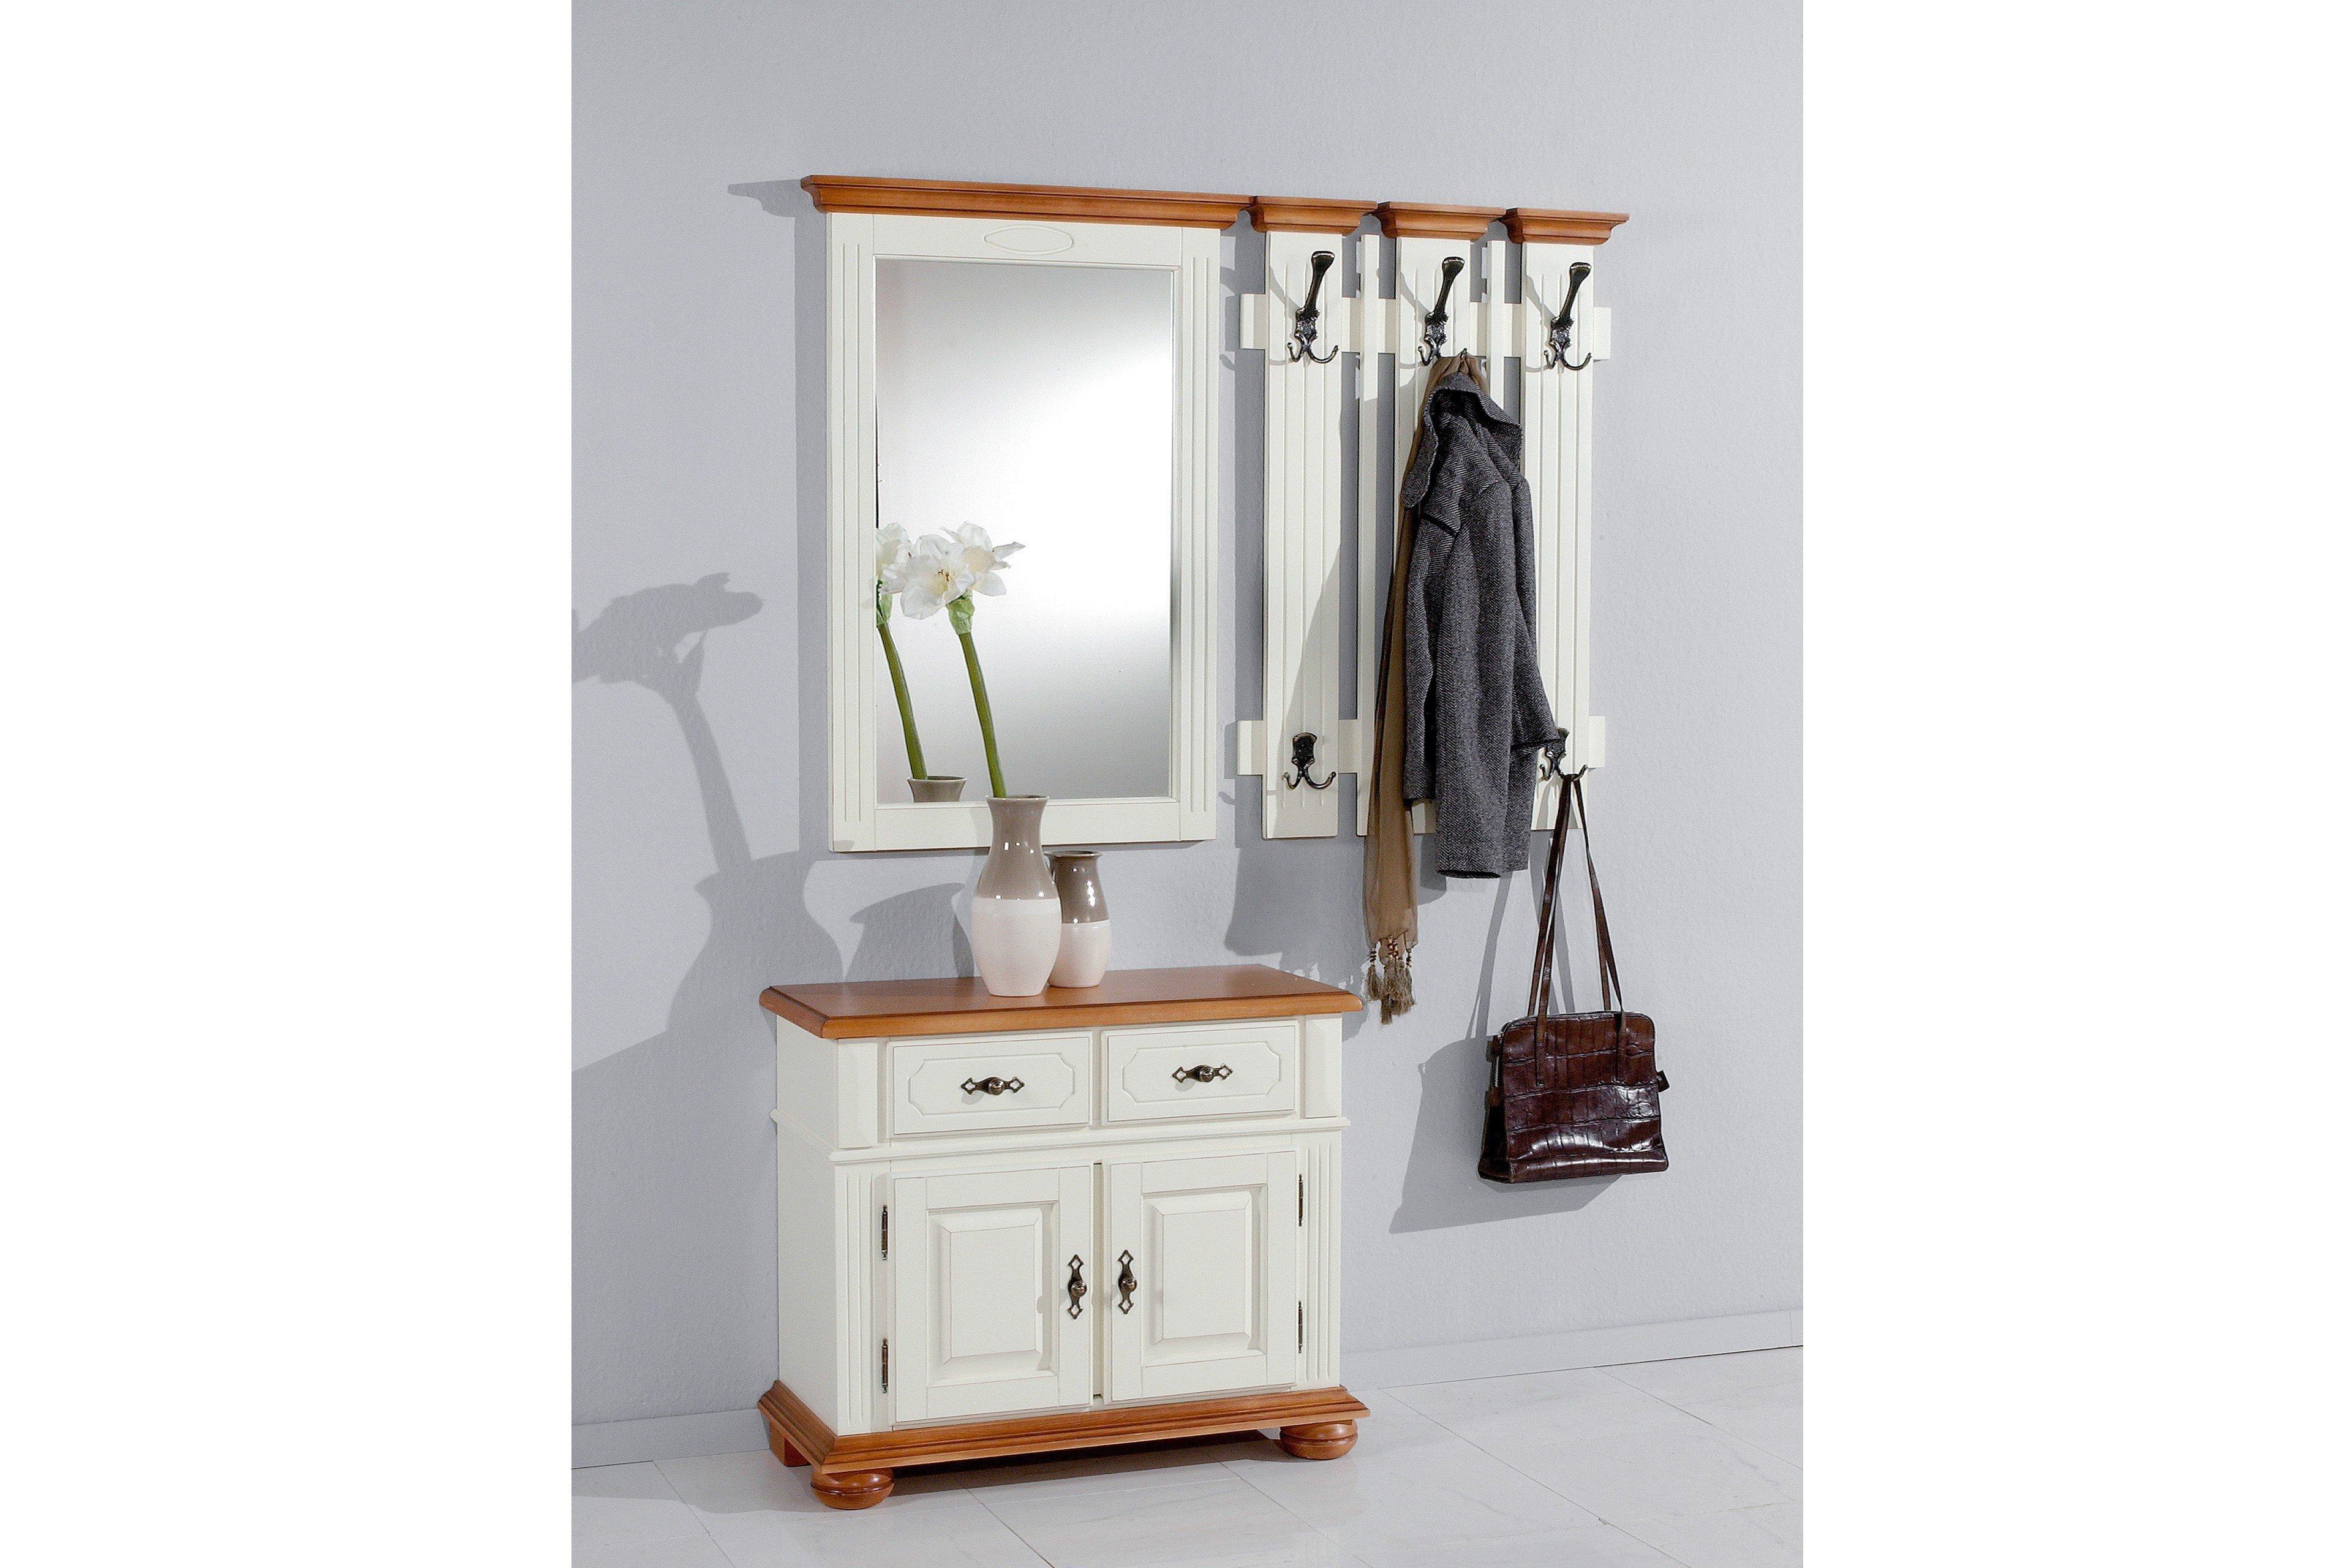 mbel kranz onlineshop luxuriser schmuck ist teuer und meist unbezahlbar falsch nicht immer. Black Bedroom Furniture Sets. Home Design Ideas